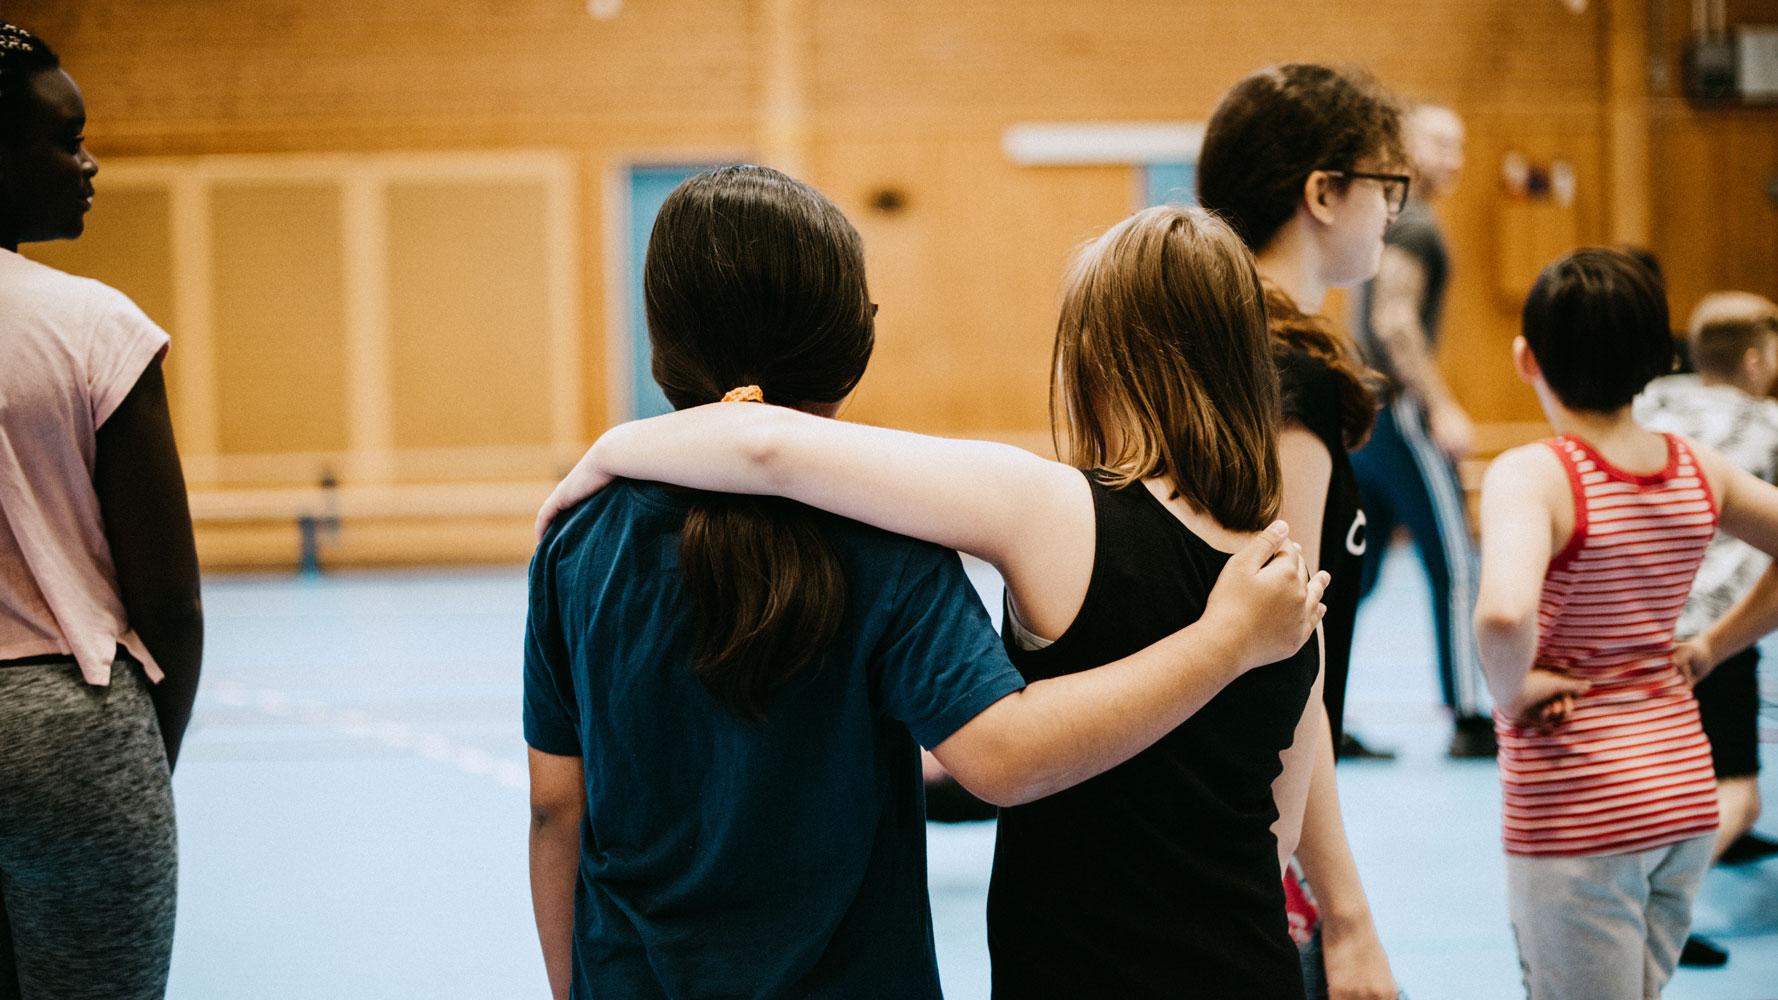 två barn kramar varandra i en idrottssal